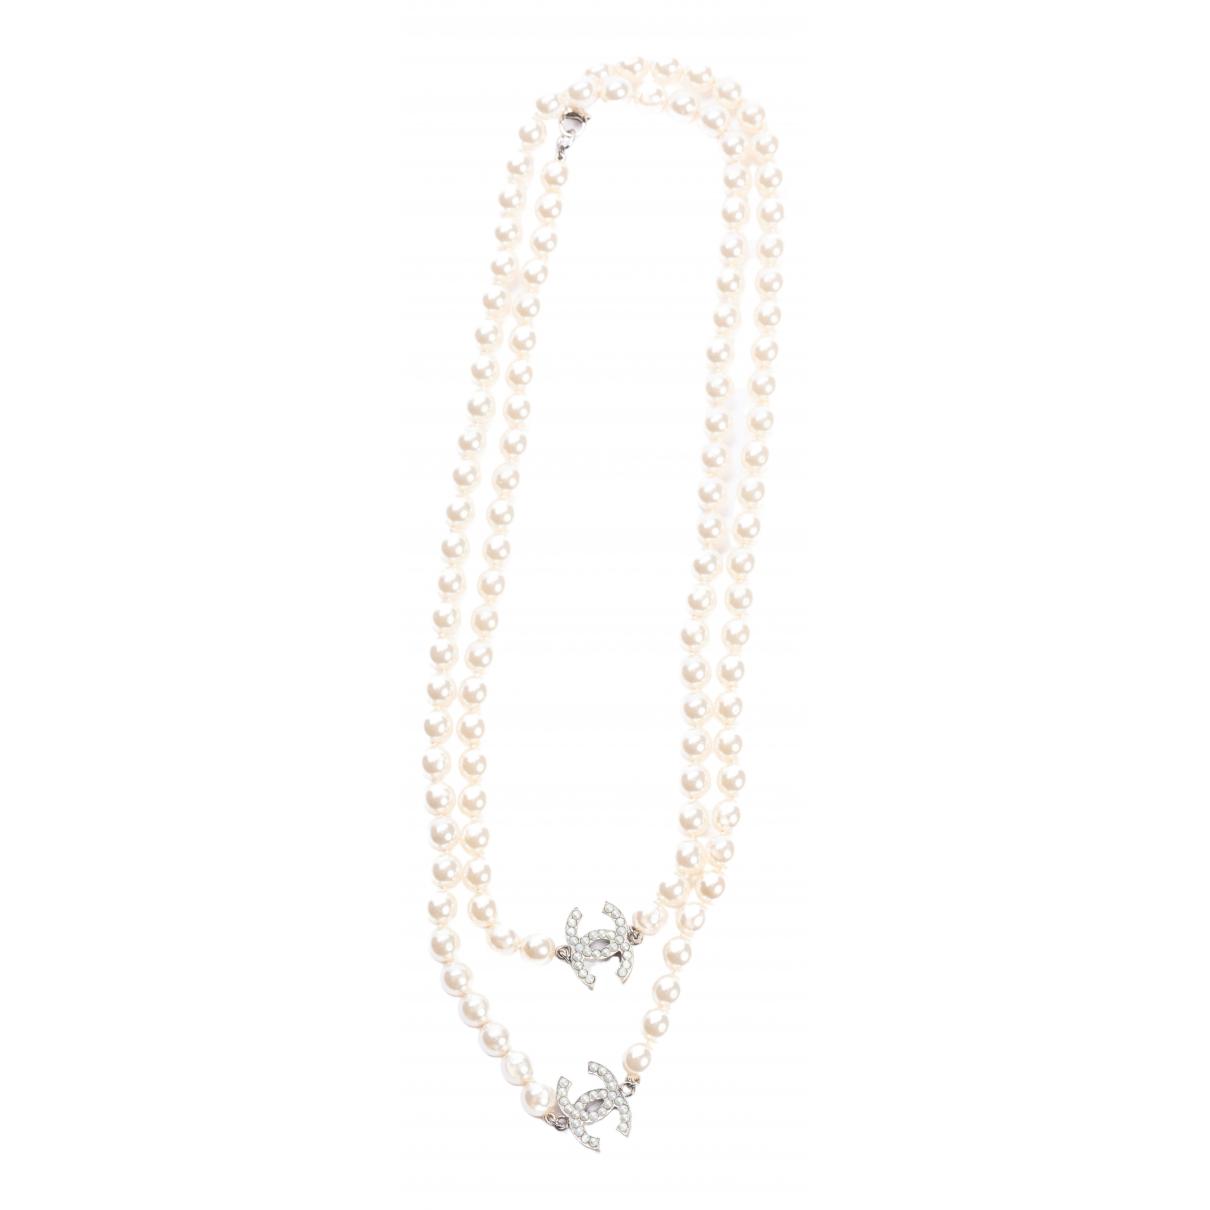 Chanel - Collier CC pour femme en perles - argente